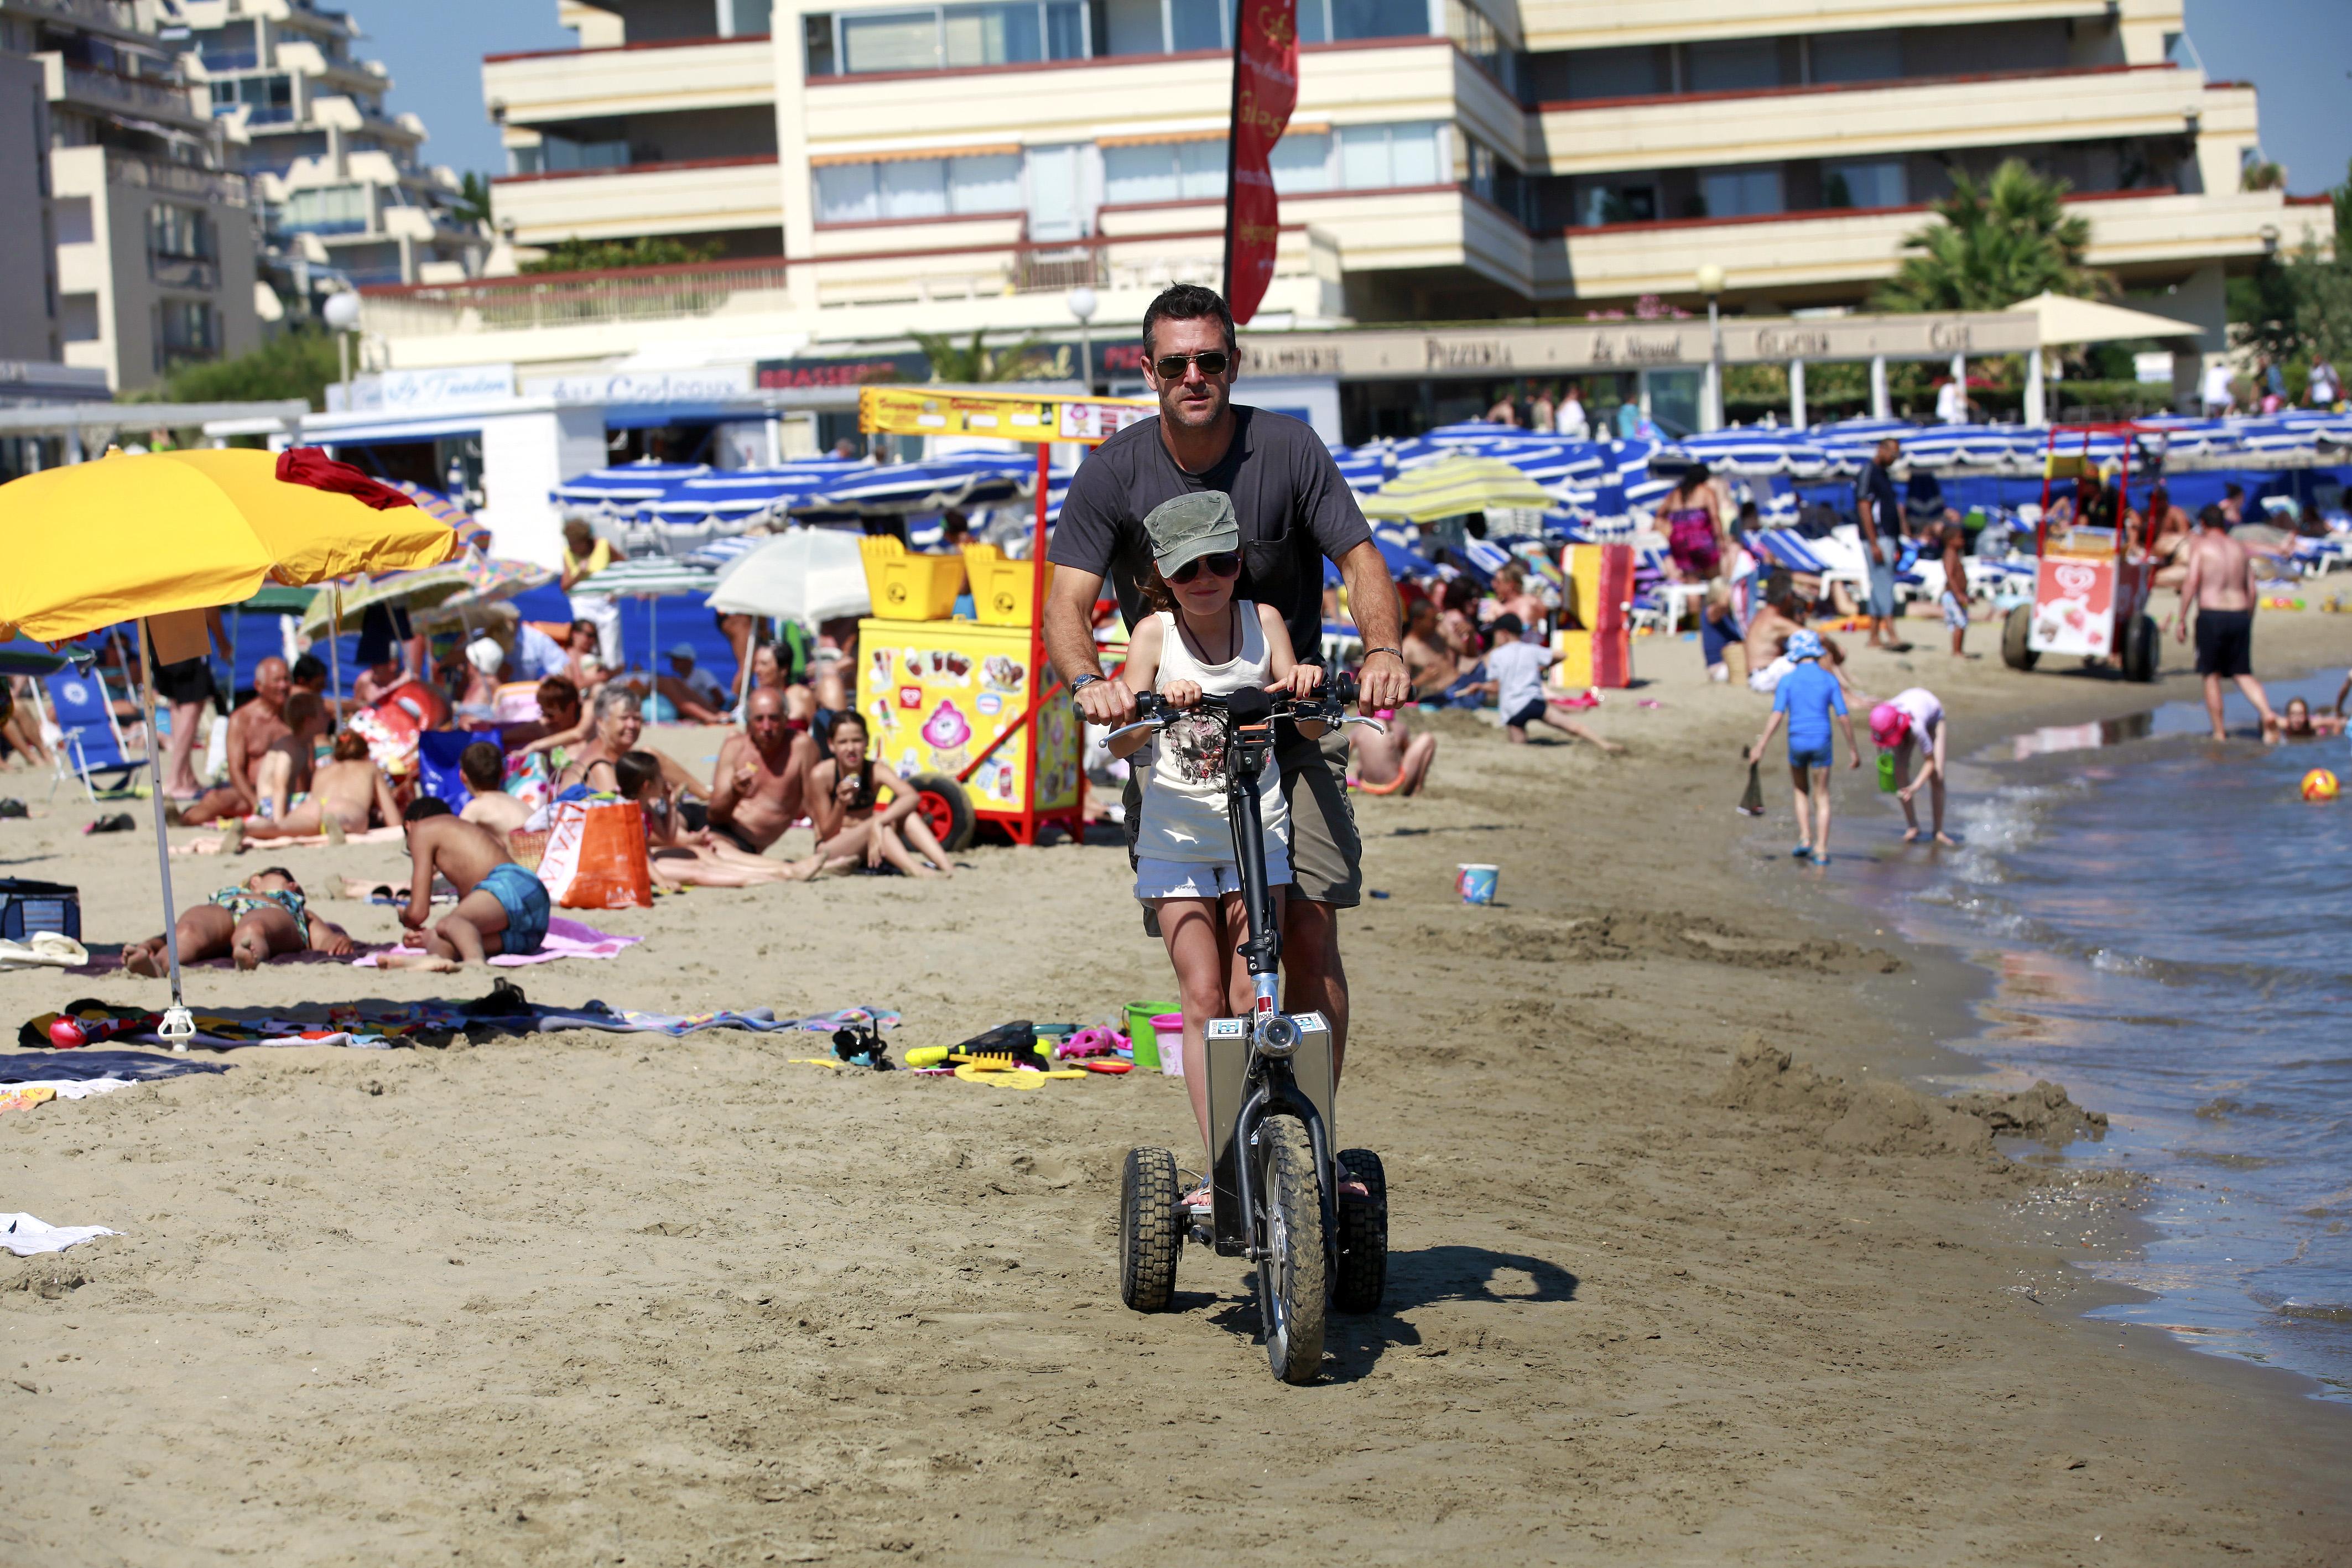 Un p'tit Tour en bord de plage